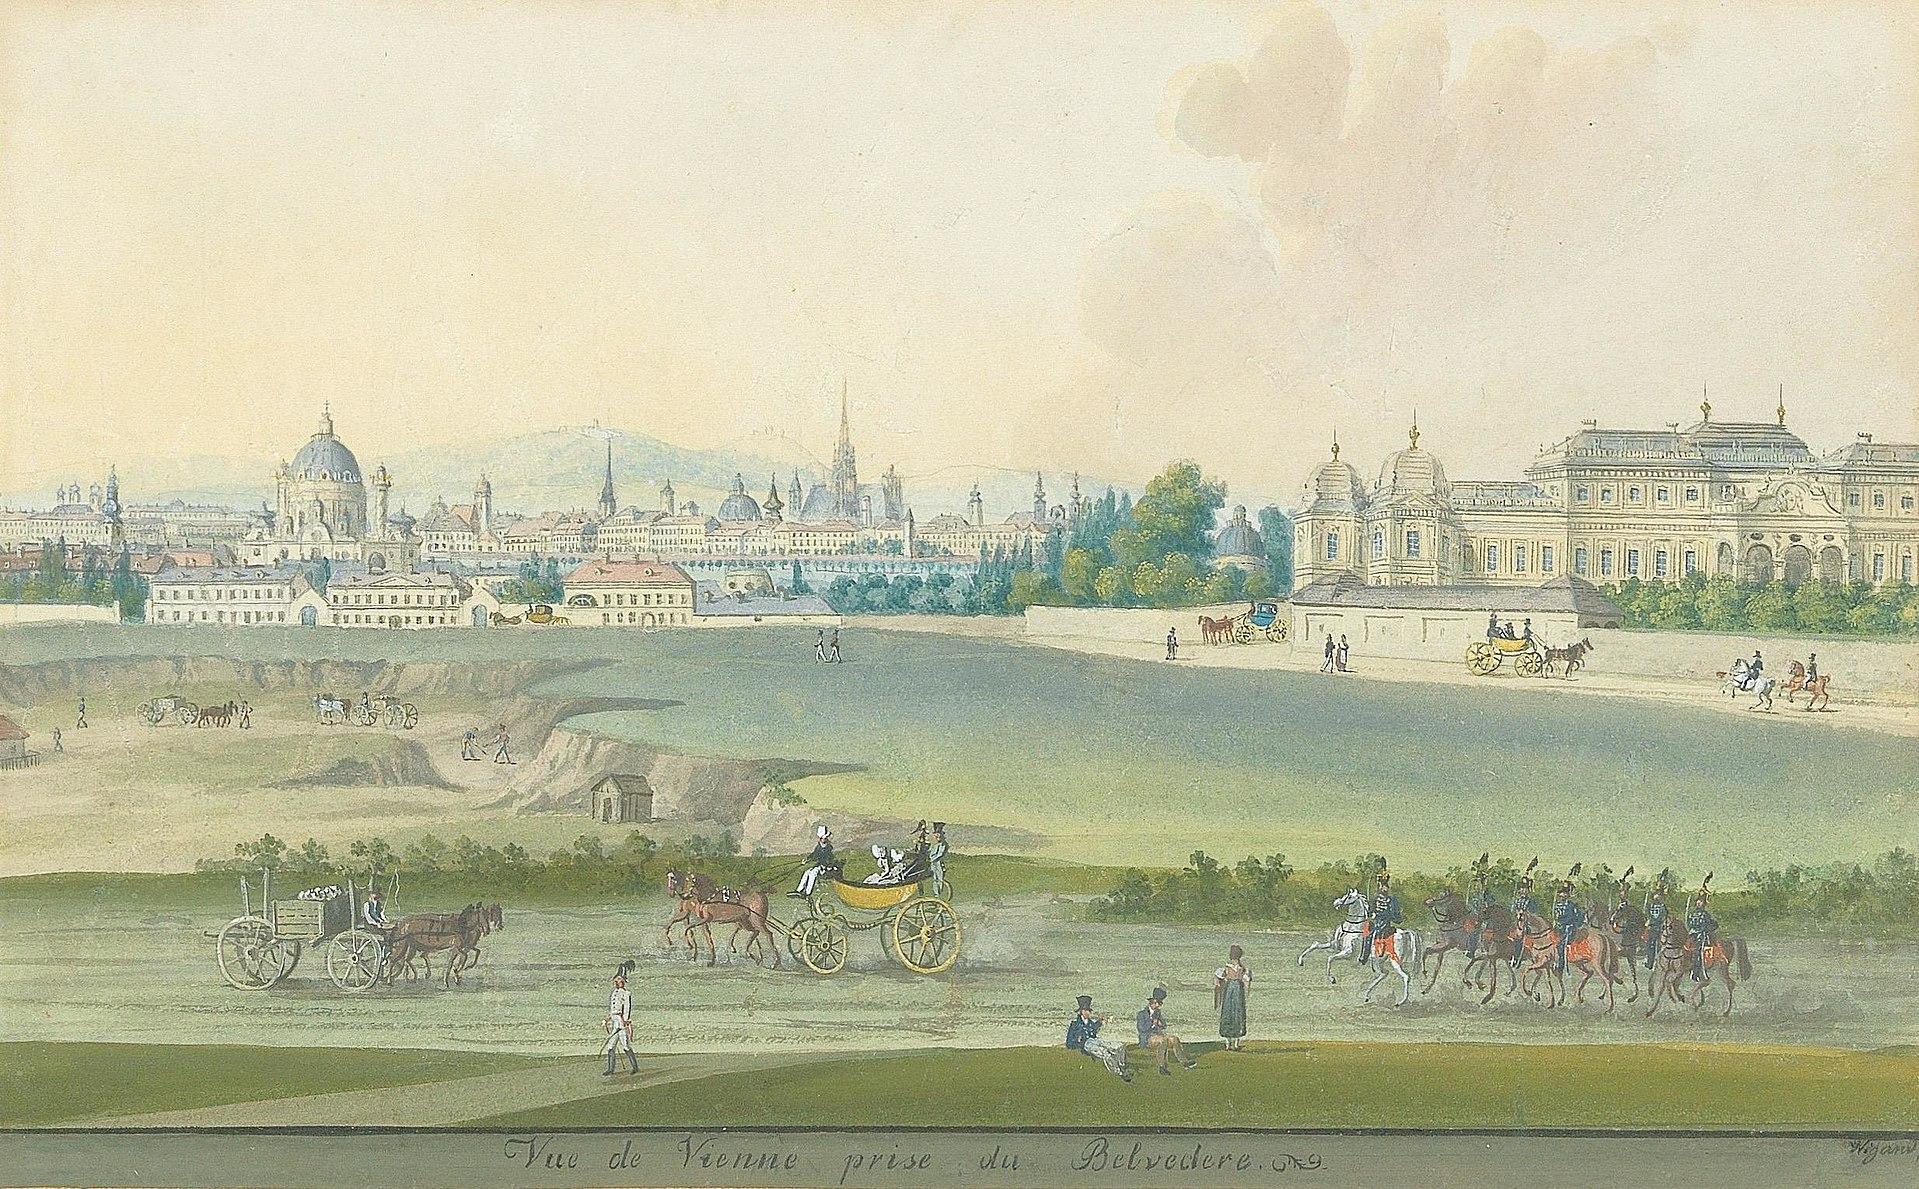 Wigand–Vue de Vienne prise du Belvedere.jpg